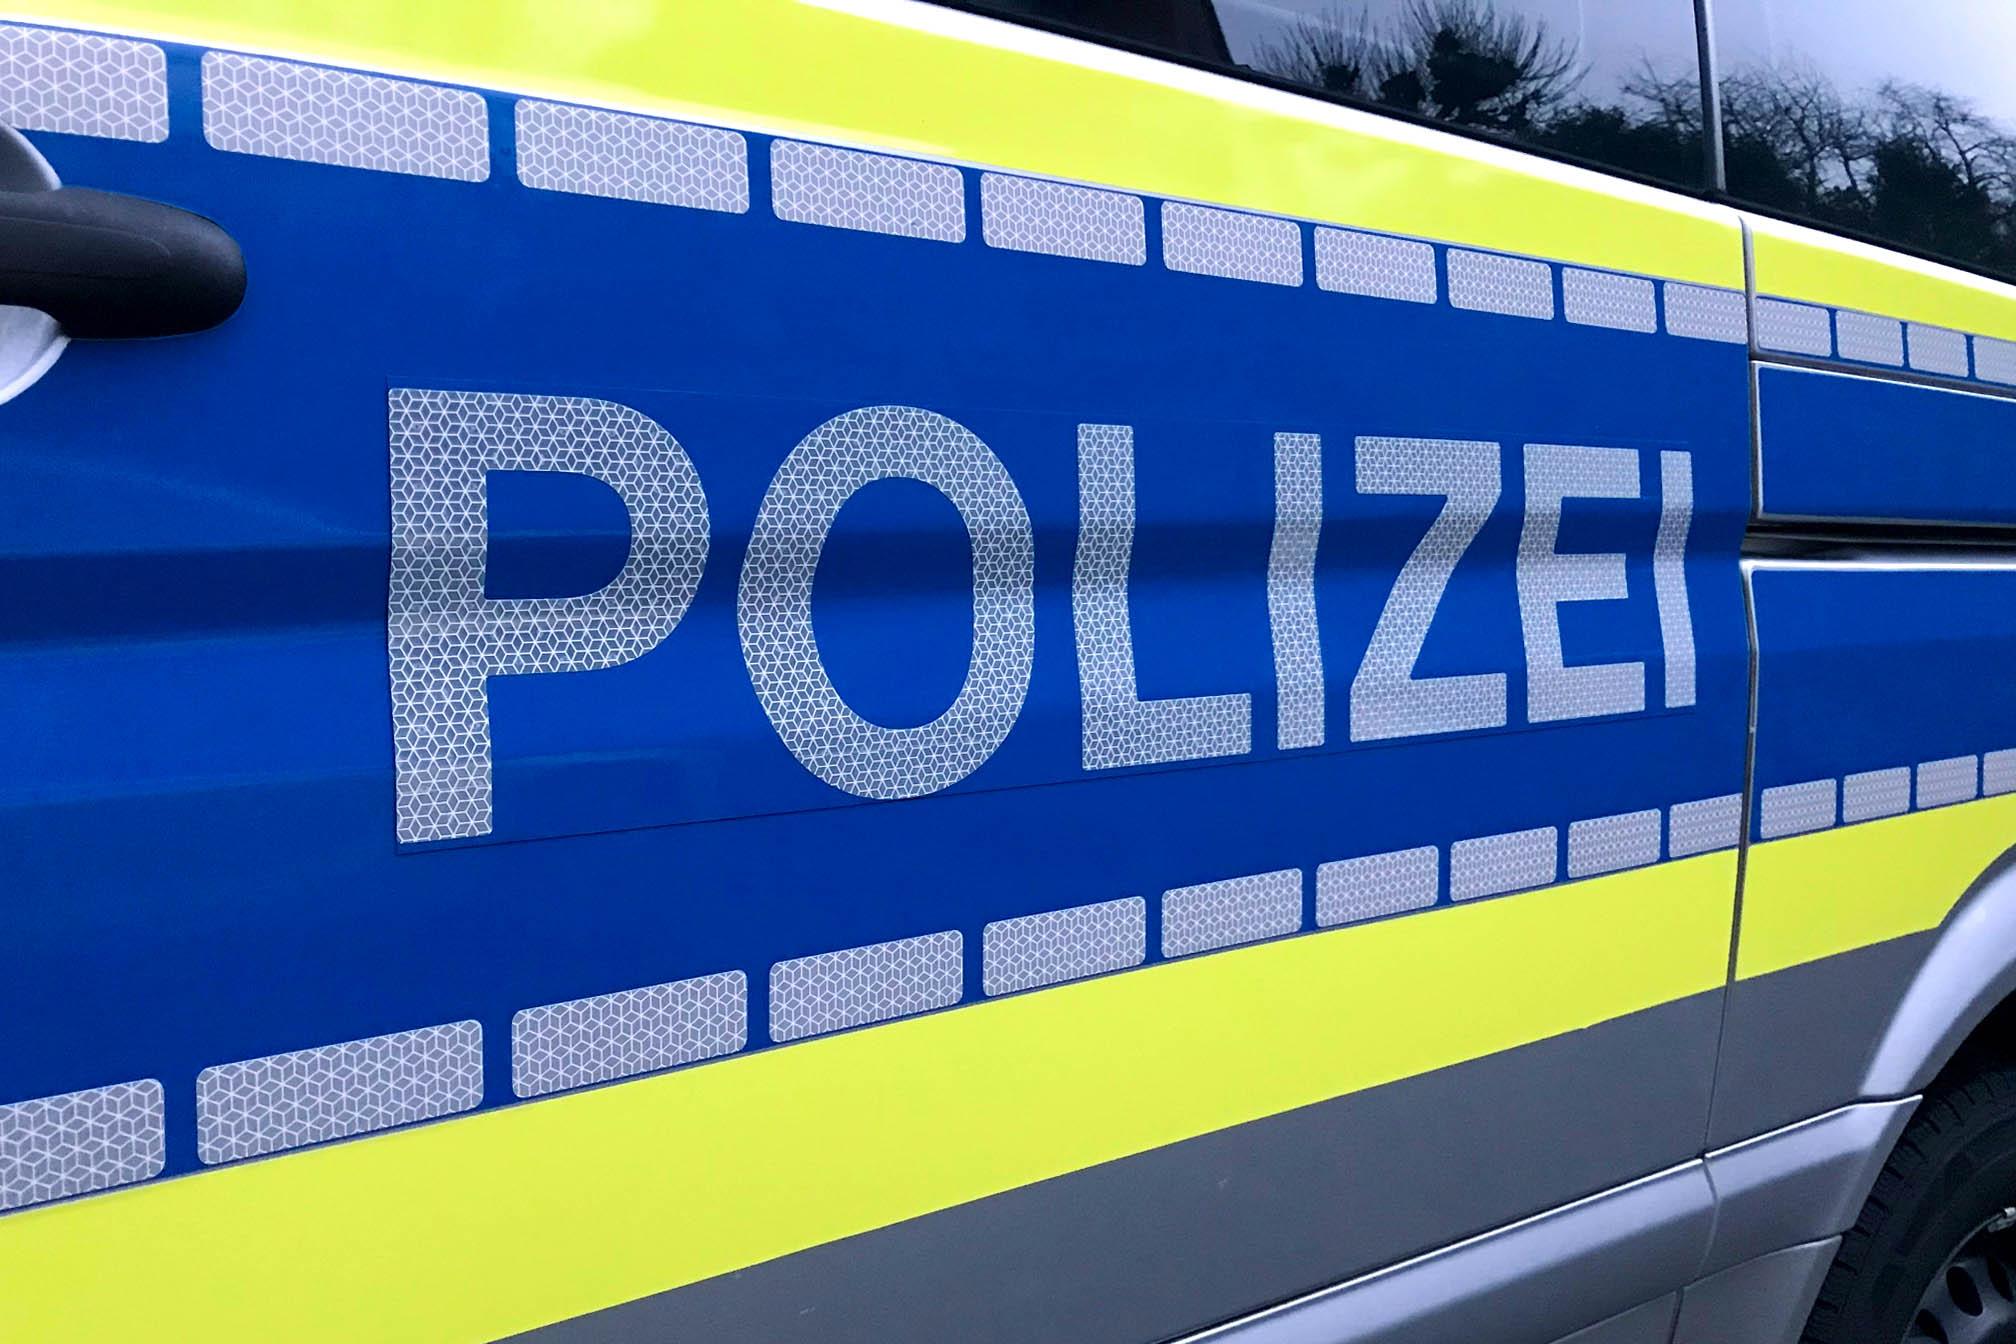 Vermietung von Polizeiautos